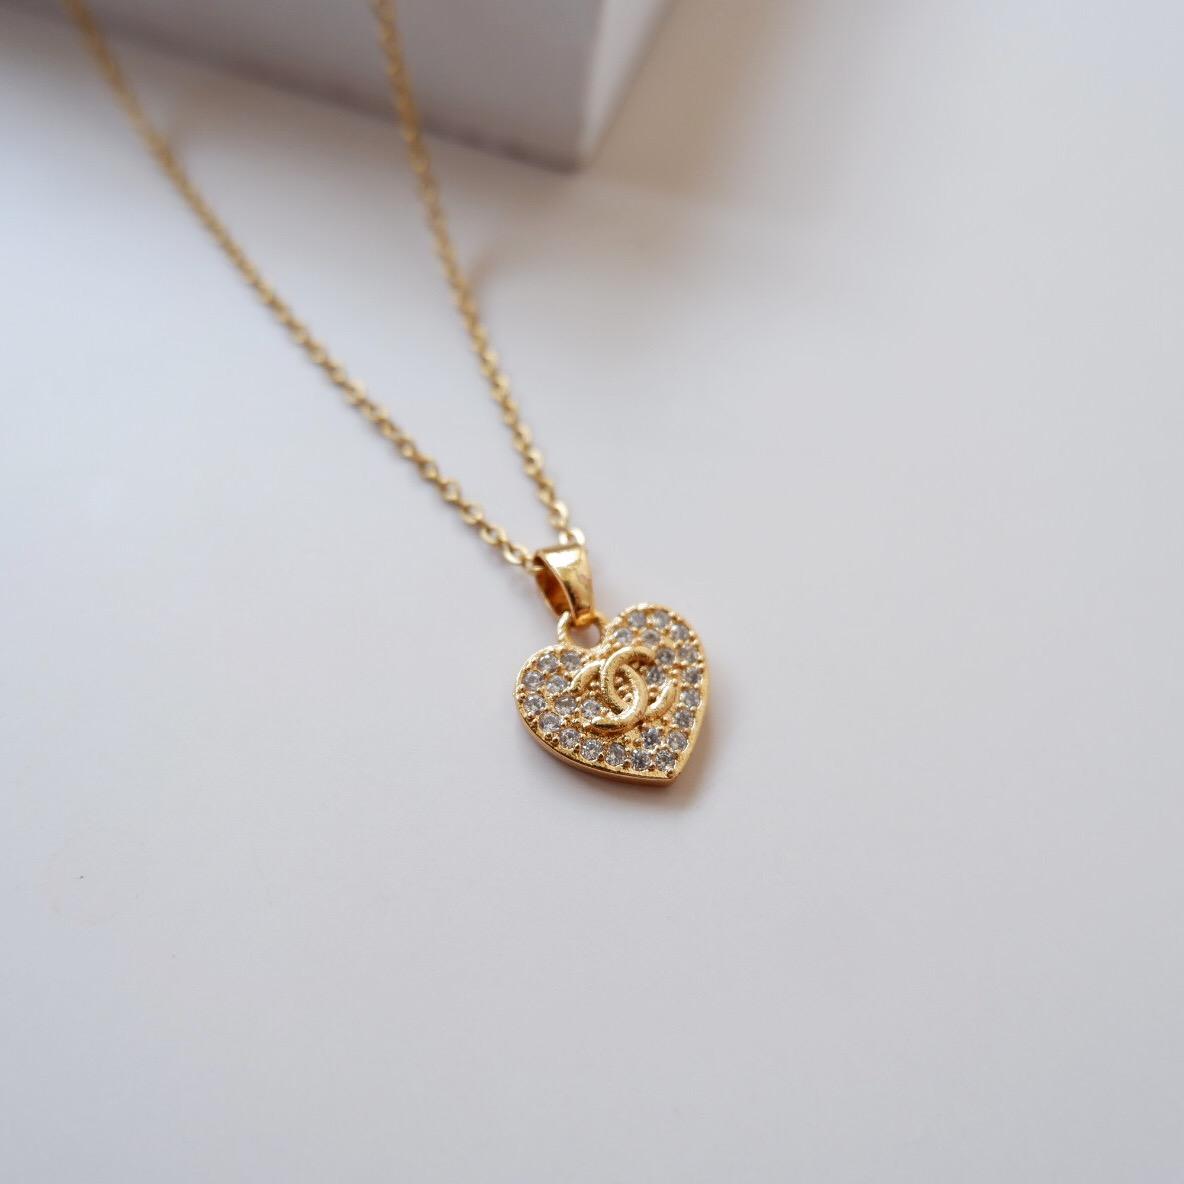 Coco-Drop-Necklace-1-1.jpeg